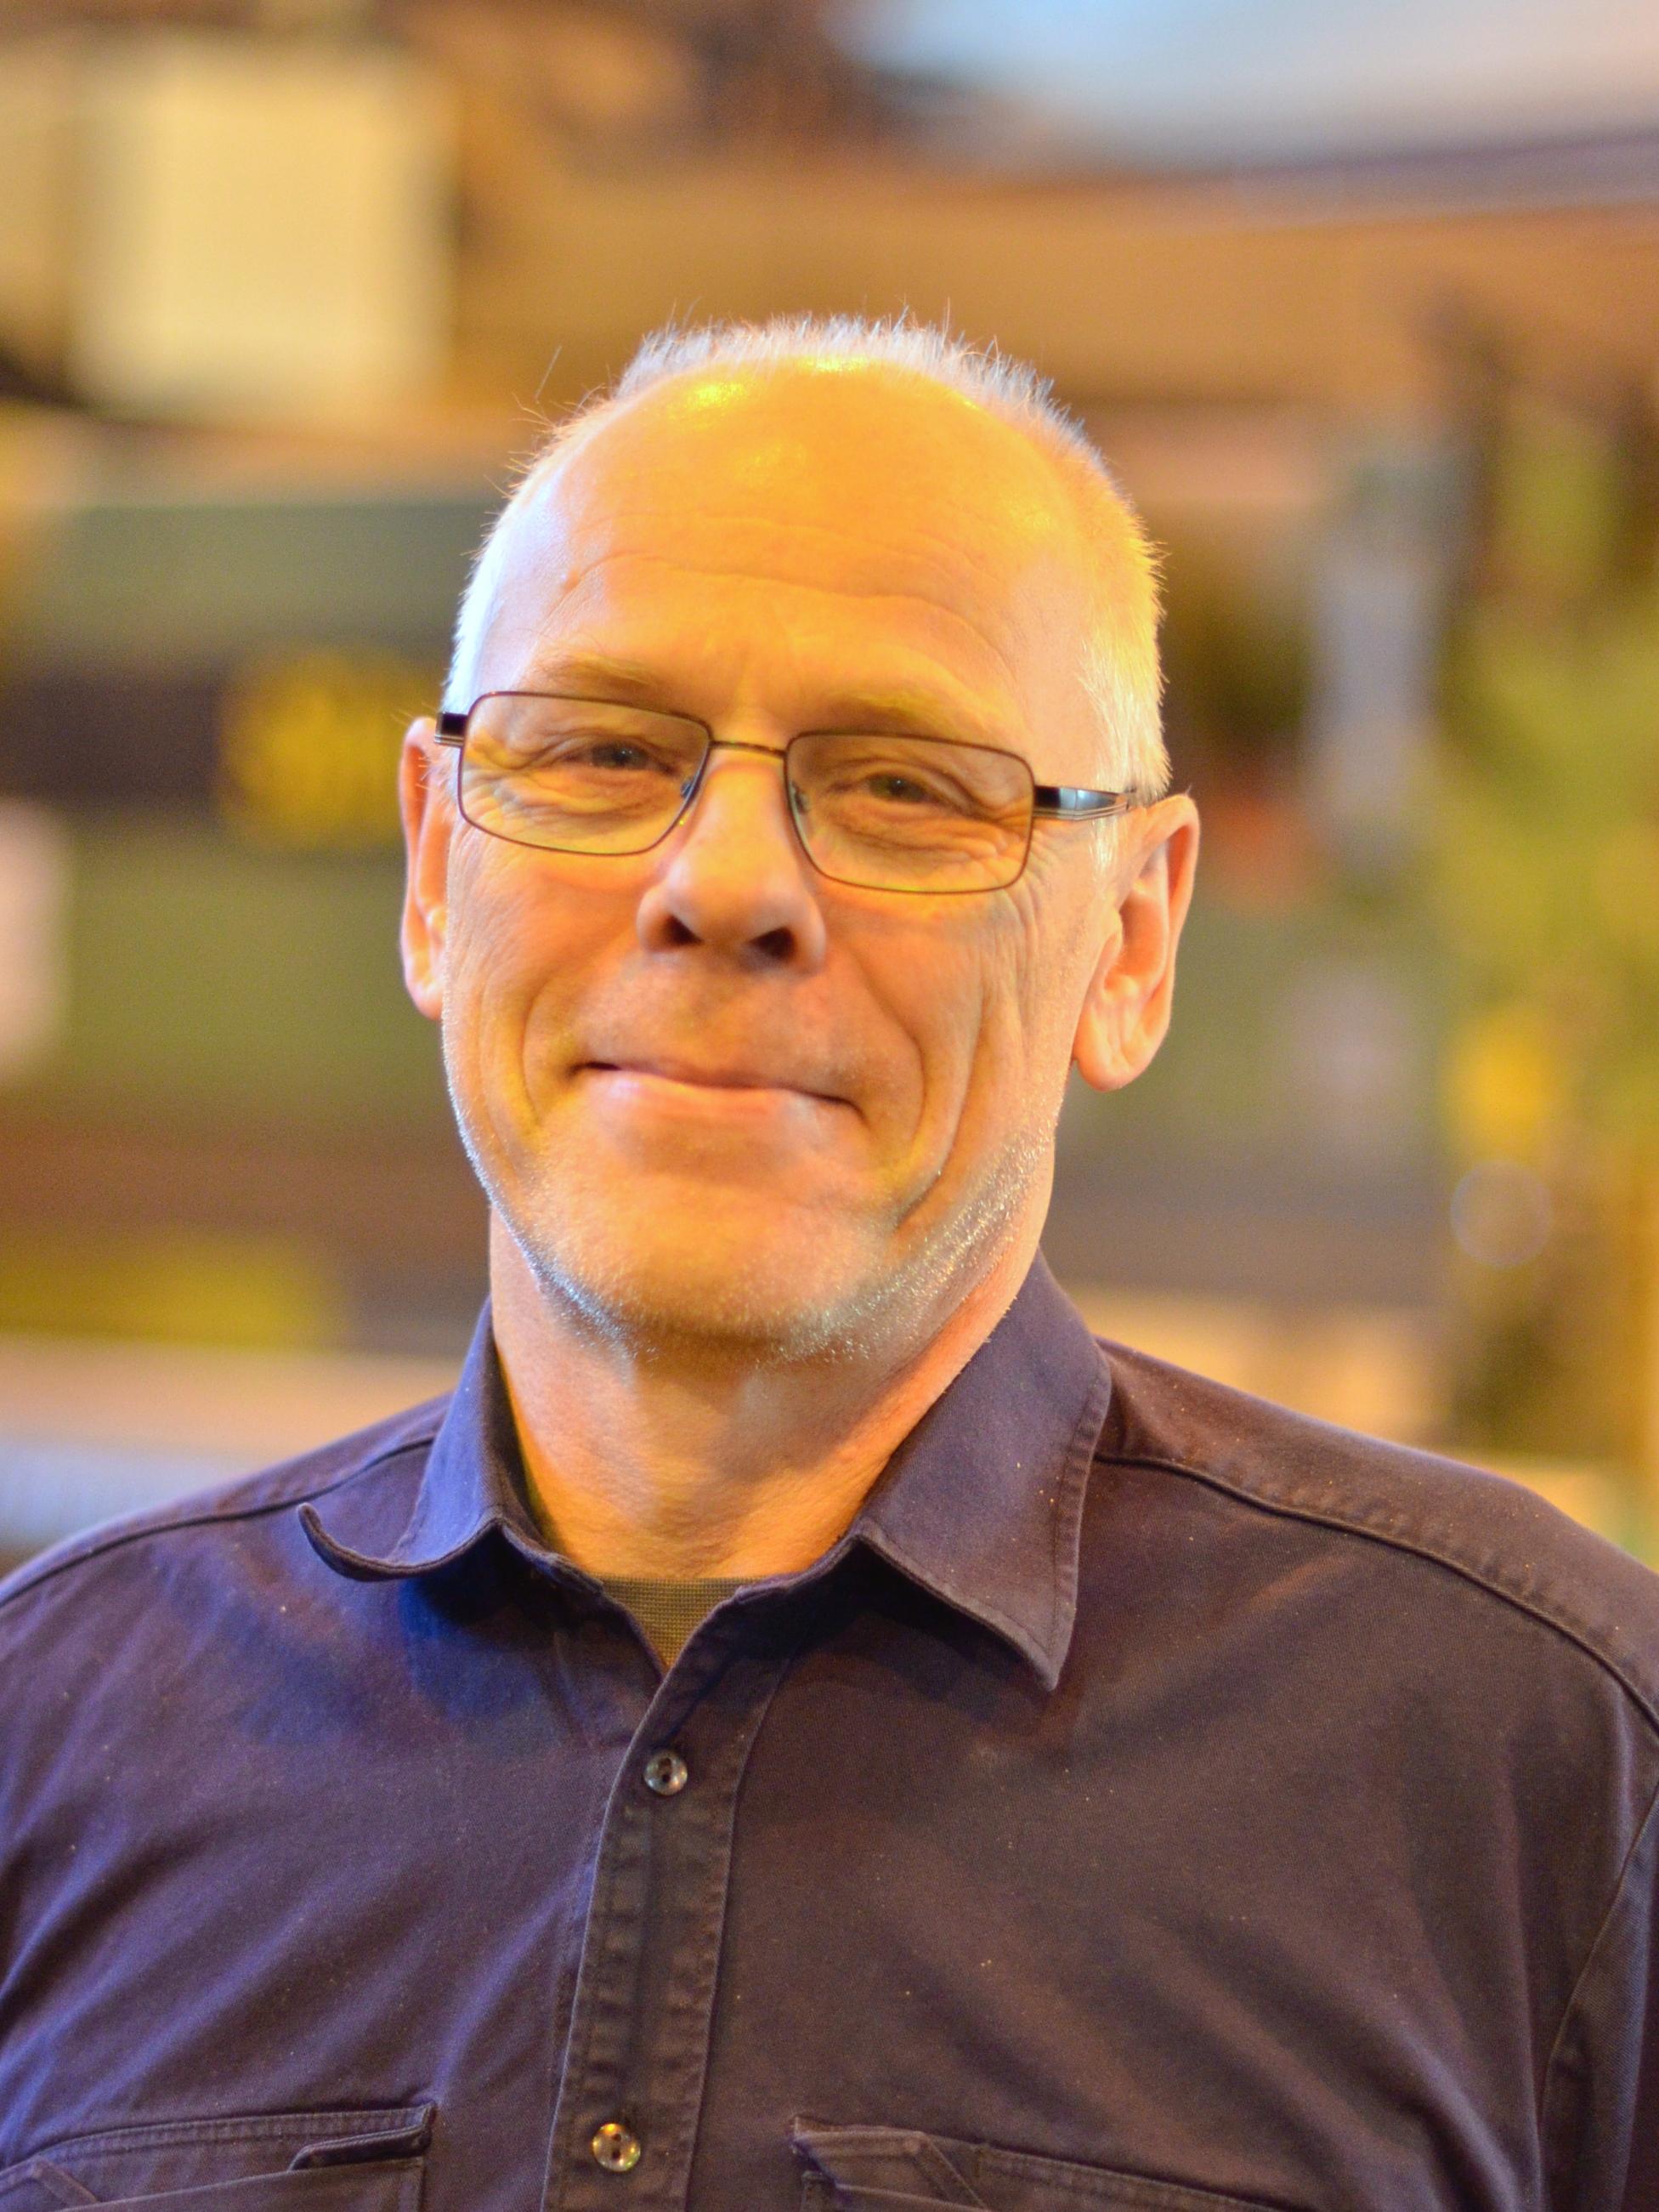 Ole-Petter Haugen : Bassøe deler, ekspedisjon